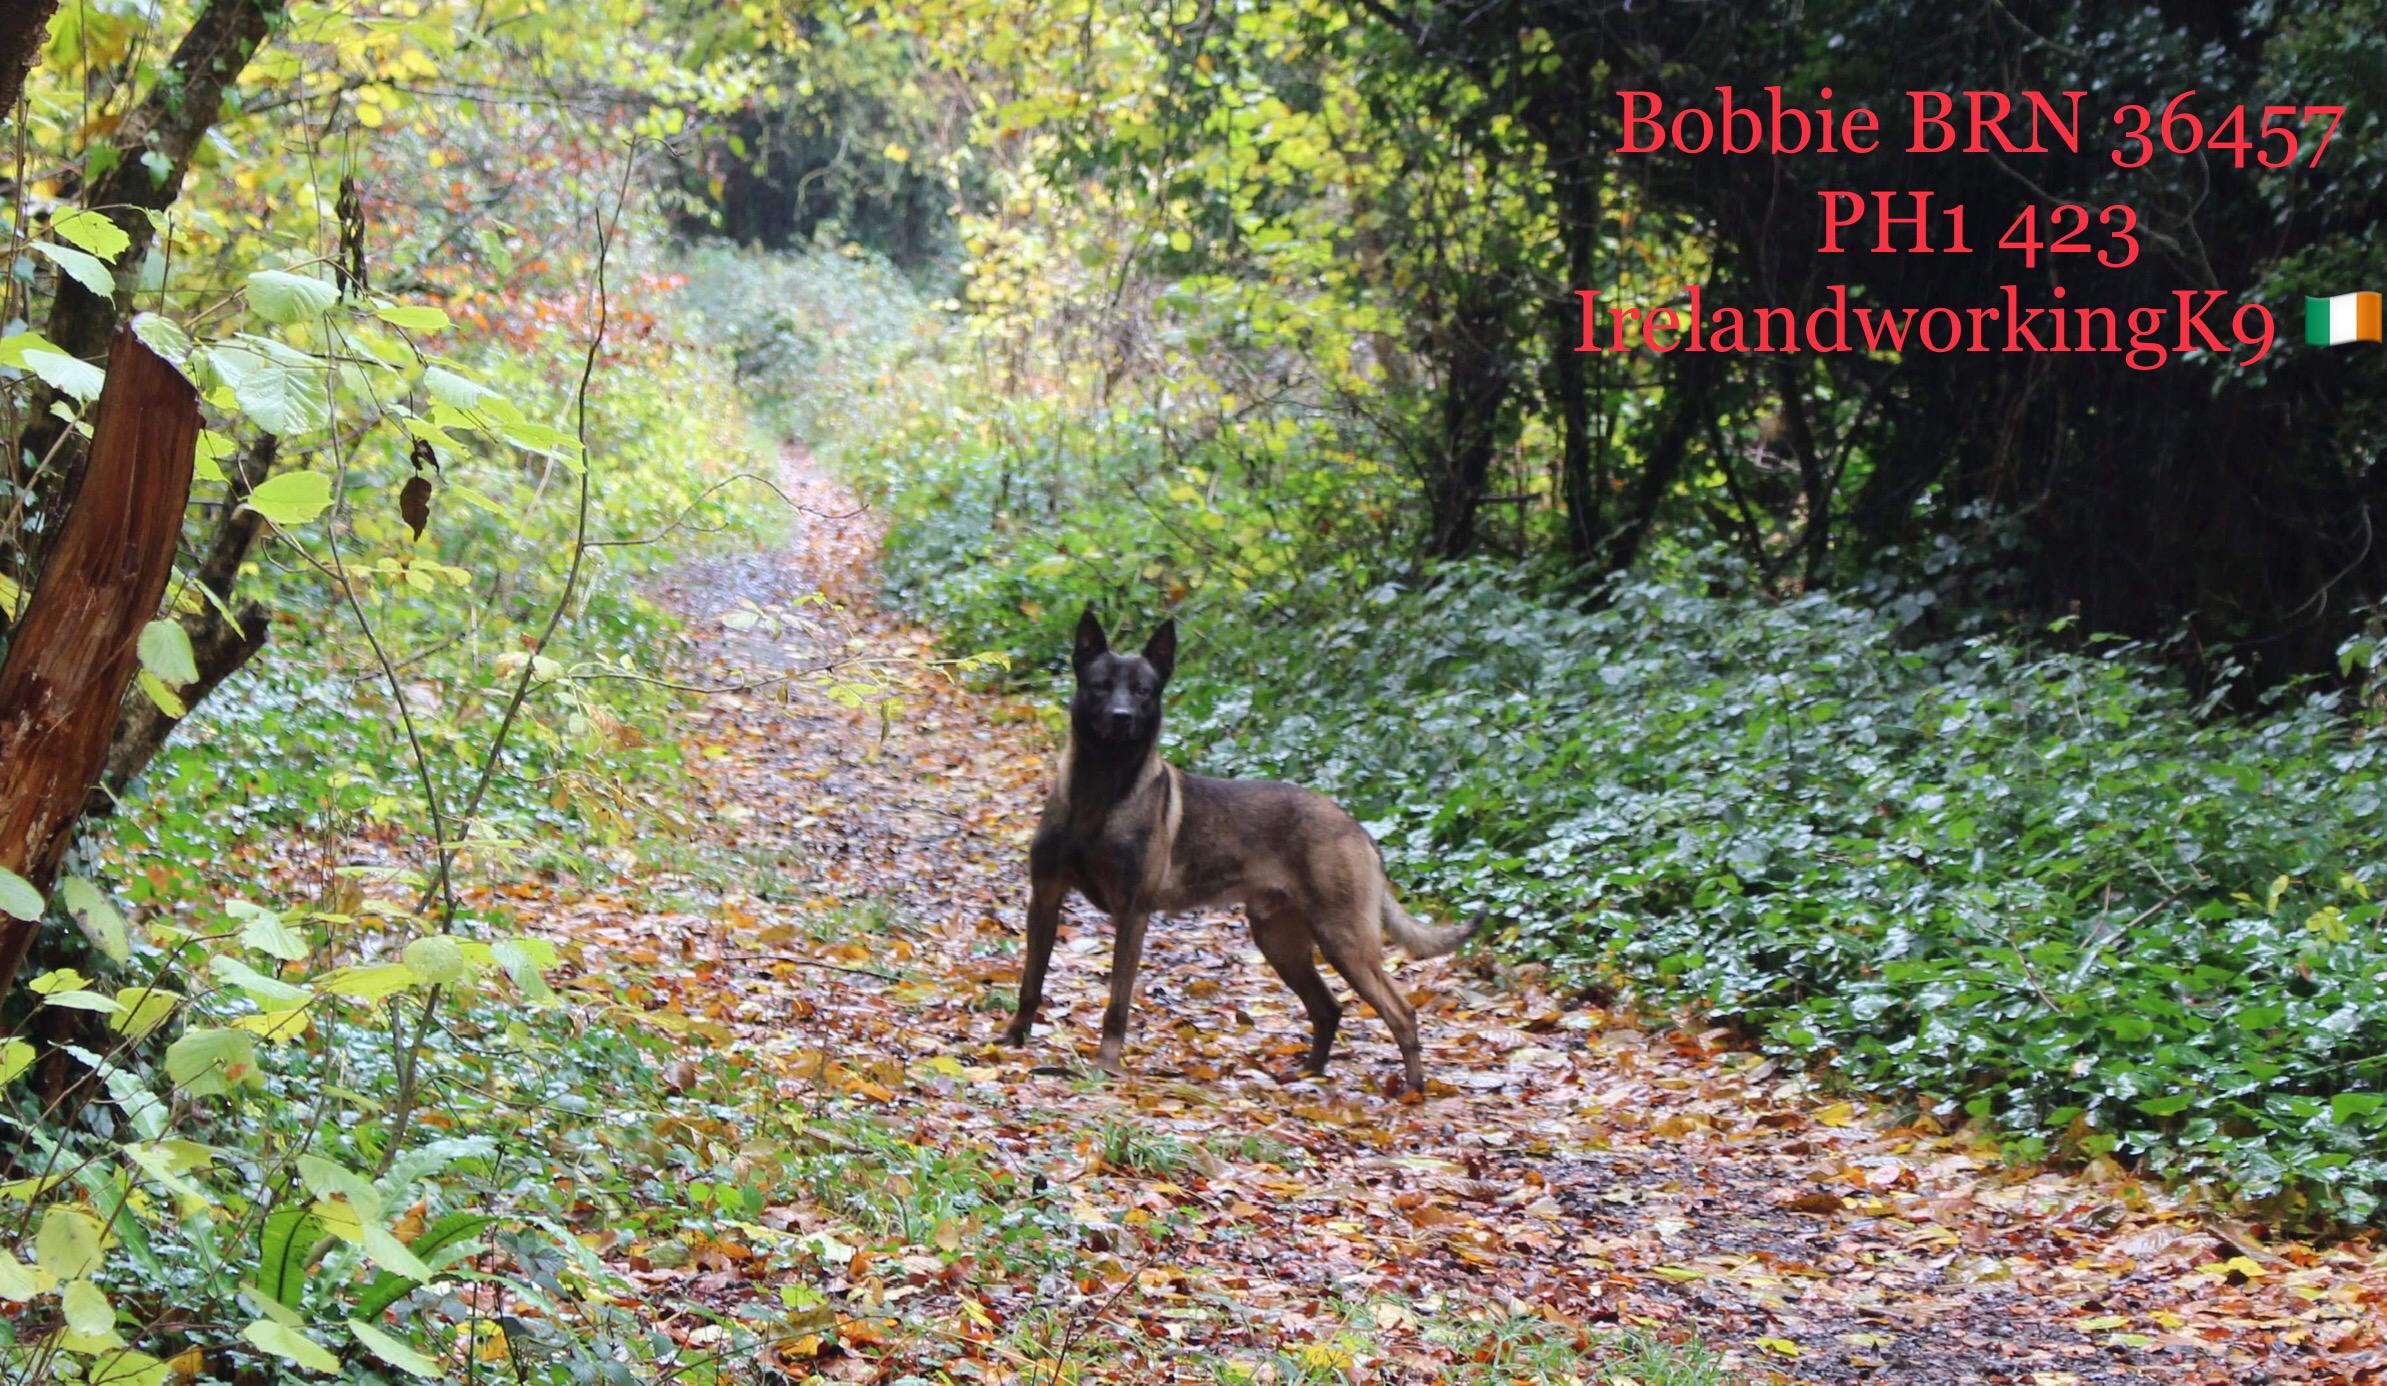 Bobbie PH1 423 BRN 36457